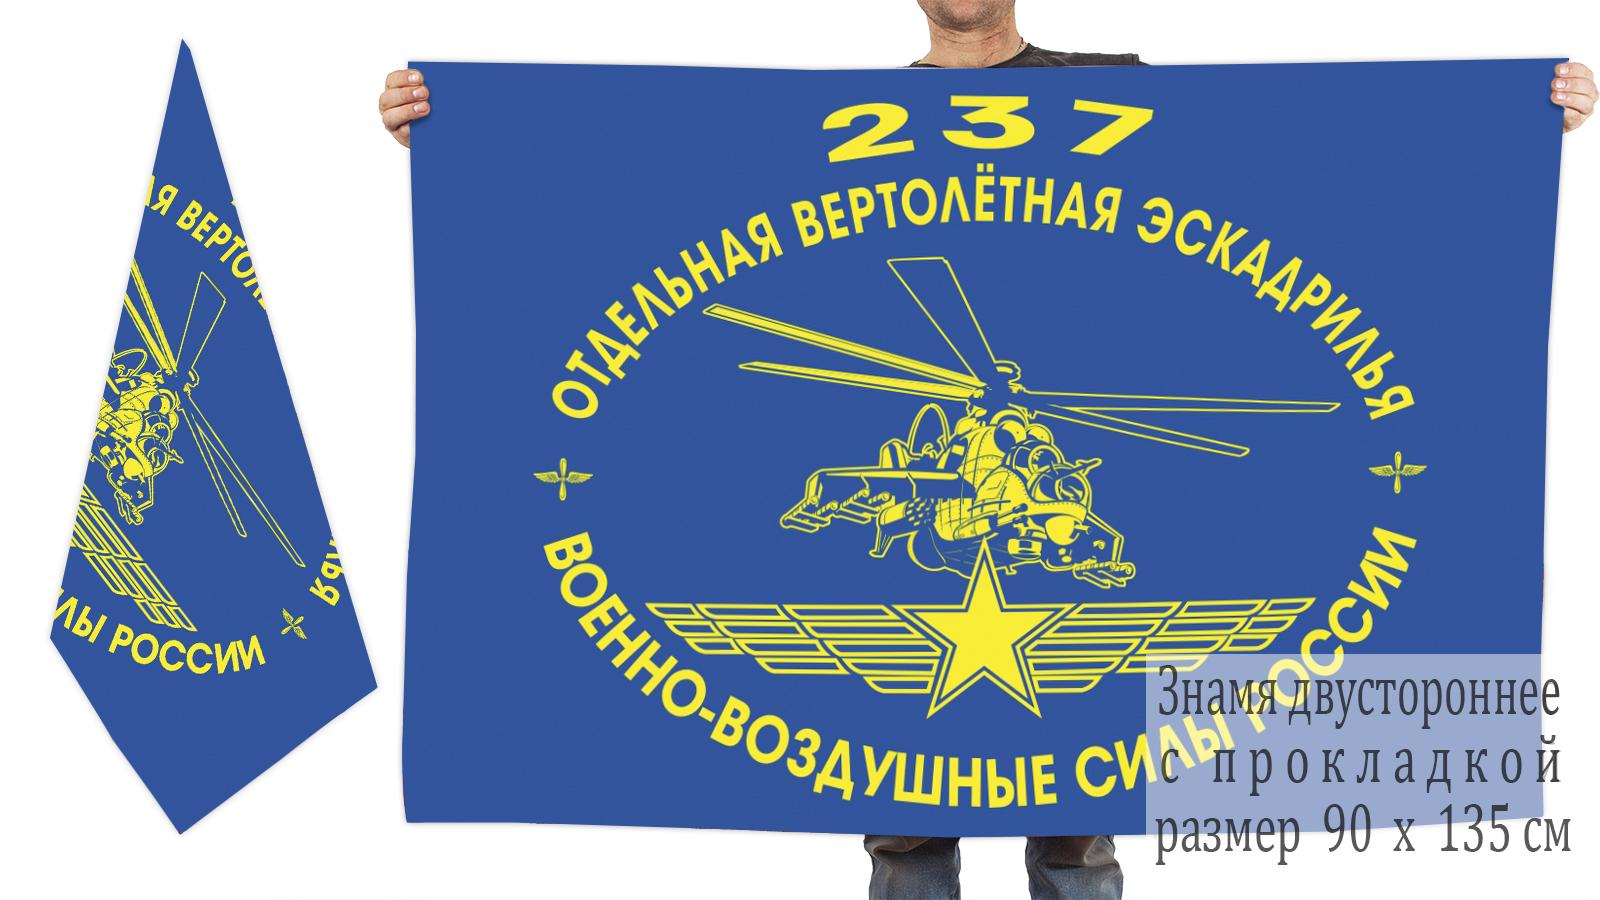 Двусторонний флаг 237-я отдельная вертолетная эскадрилья ВВС РФ